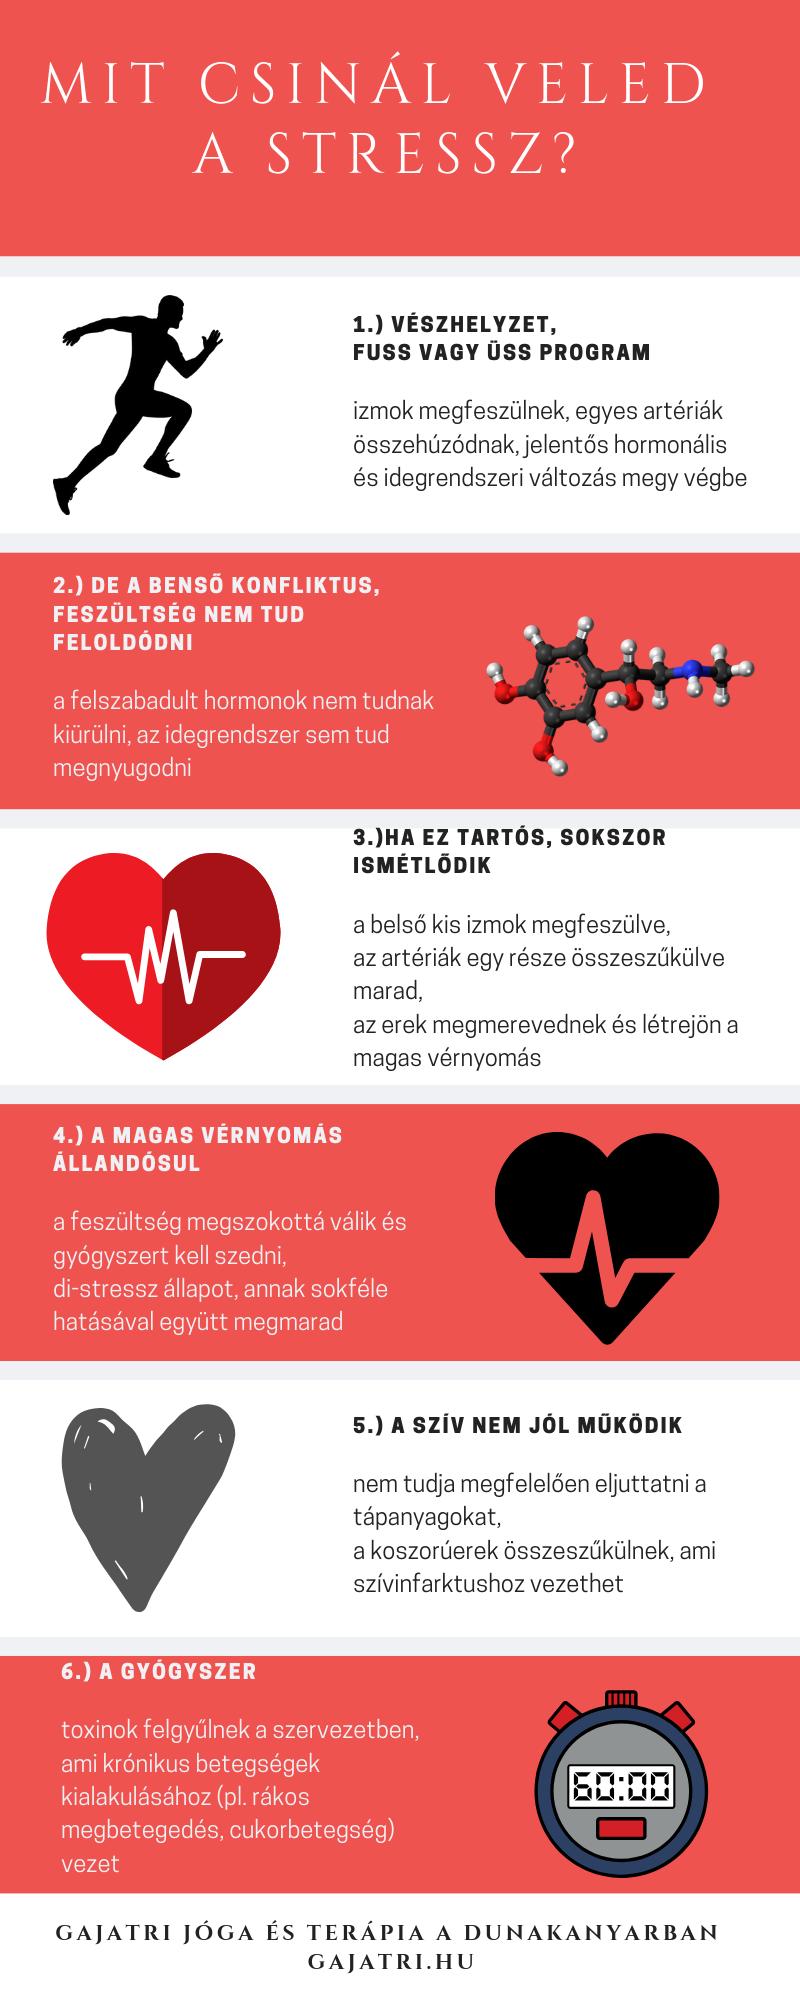 hogyan lehet gyógyszereket váltani magas vérnyomás esetén mustárfürdők magas vérnyomás ellen